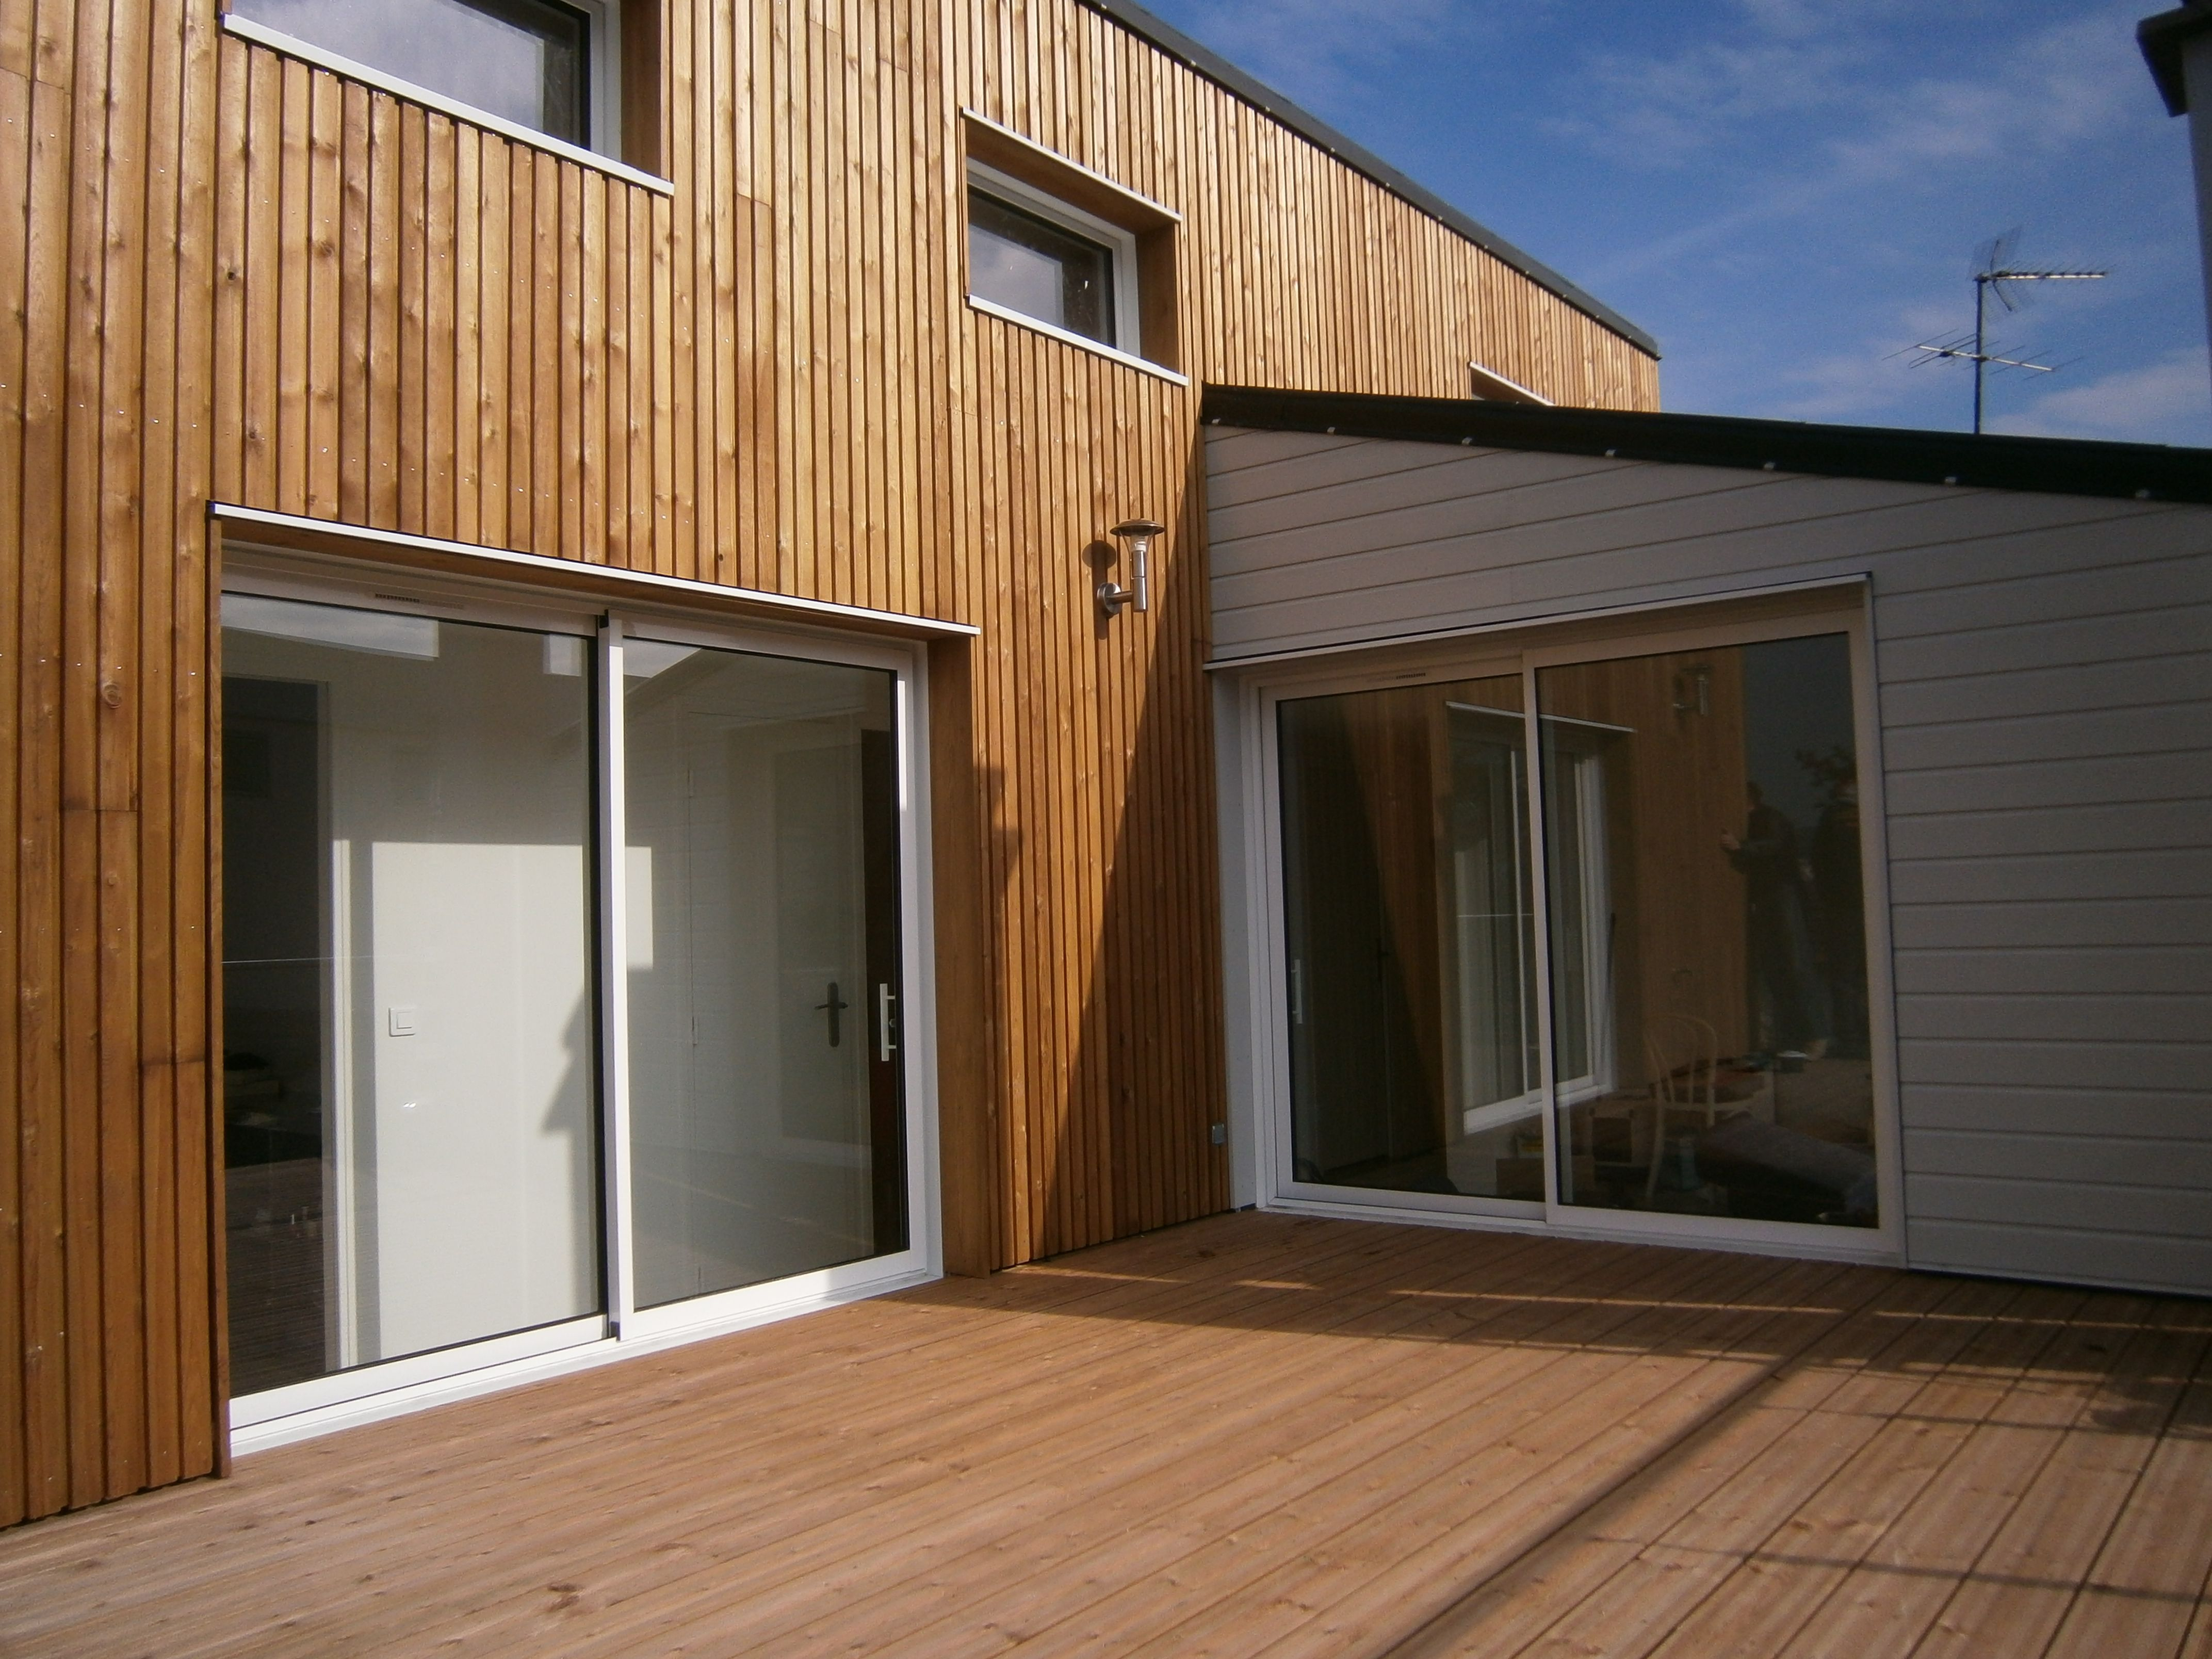 m2 et compagnie pierre labourdette architecture bois wood house sur l vation rueil. Black Bedroom Furniture Sets. Home Design Ideas